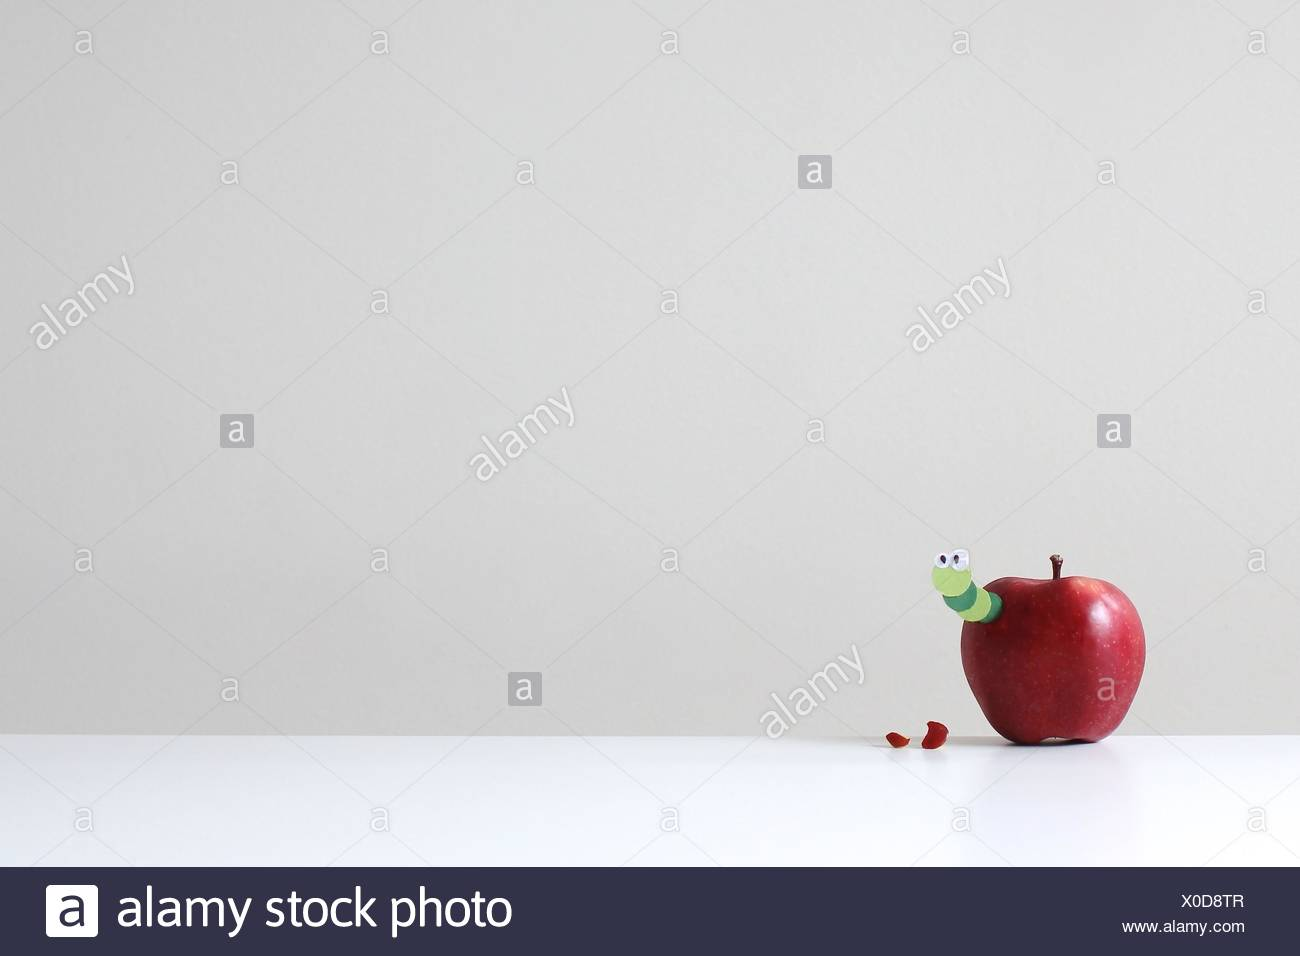 Une pomme rouge avec un papier vert à piquer ver Photo Stock